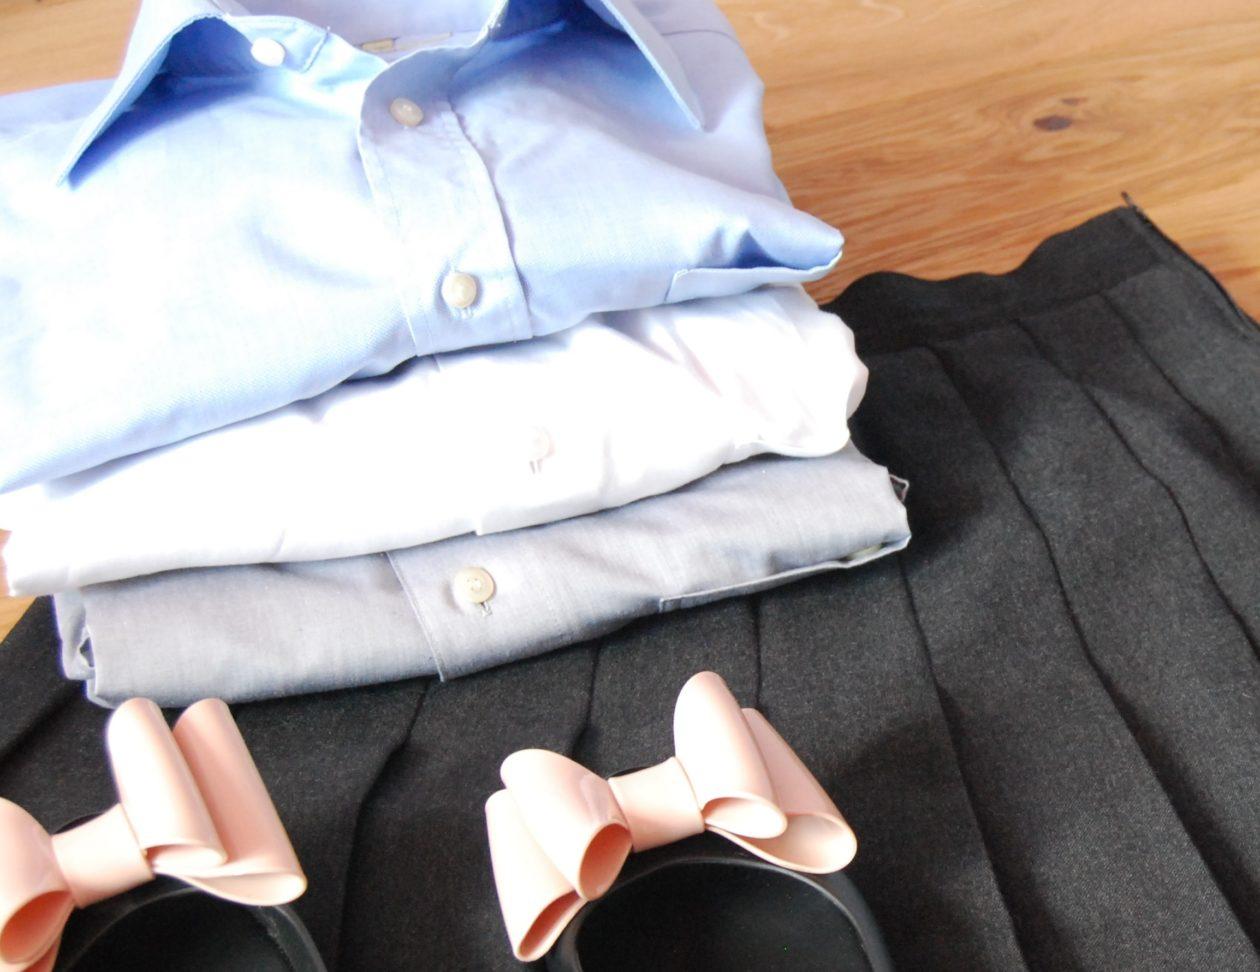 Zakupy w lumpeksie – kiedy warto zajrzeć do second handu i czym się kierować przy wyborze ubrań